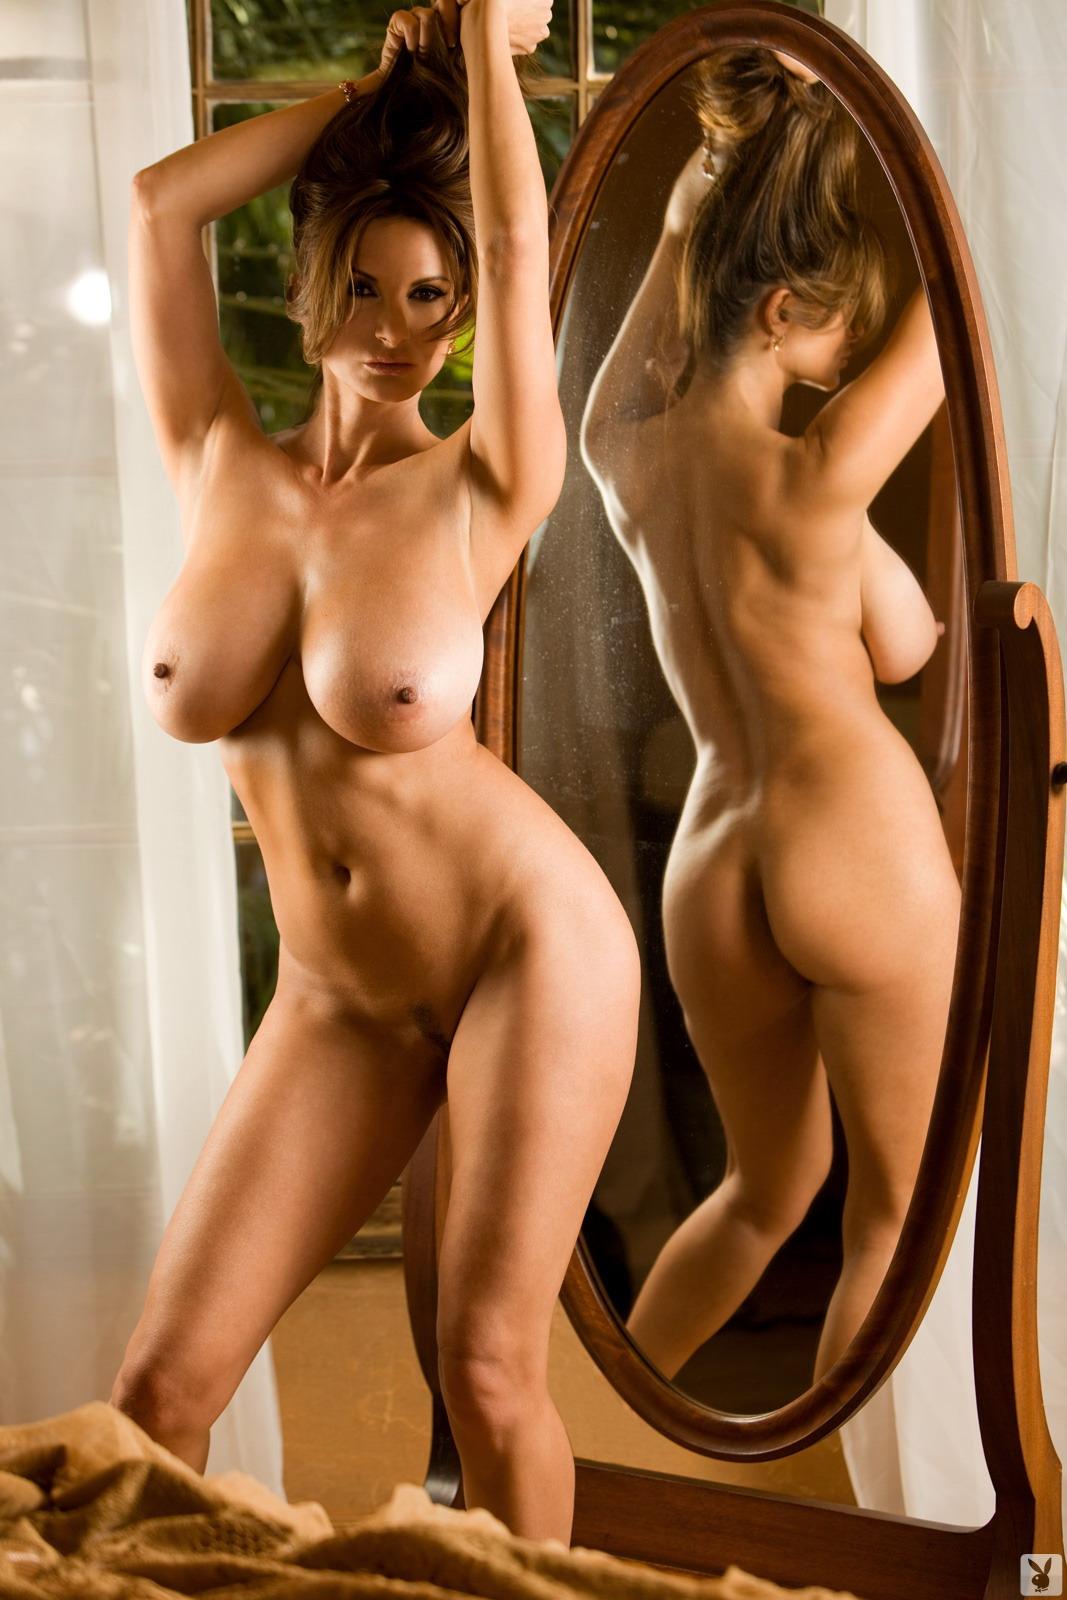 Самые сисястые девушки в мире голые 10 фотография